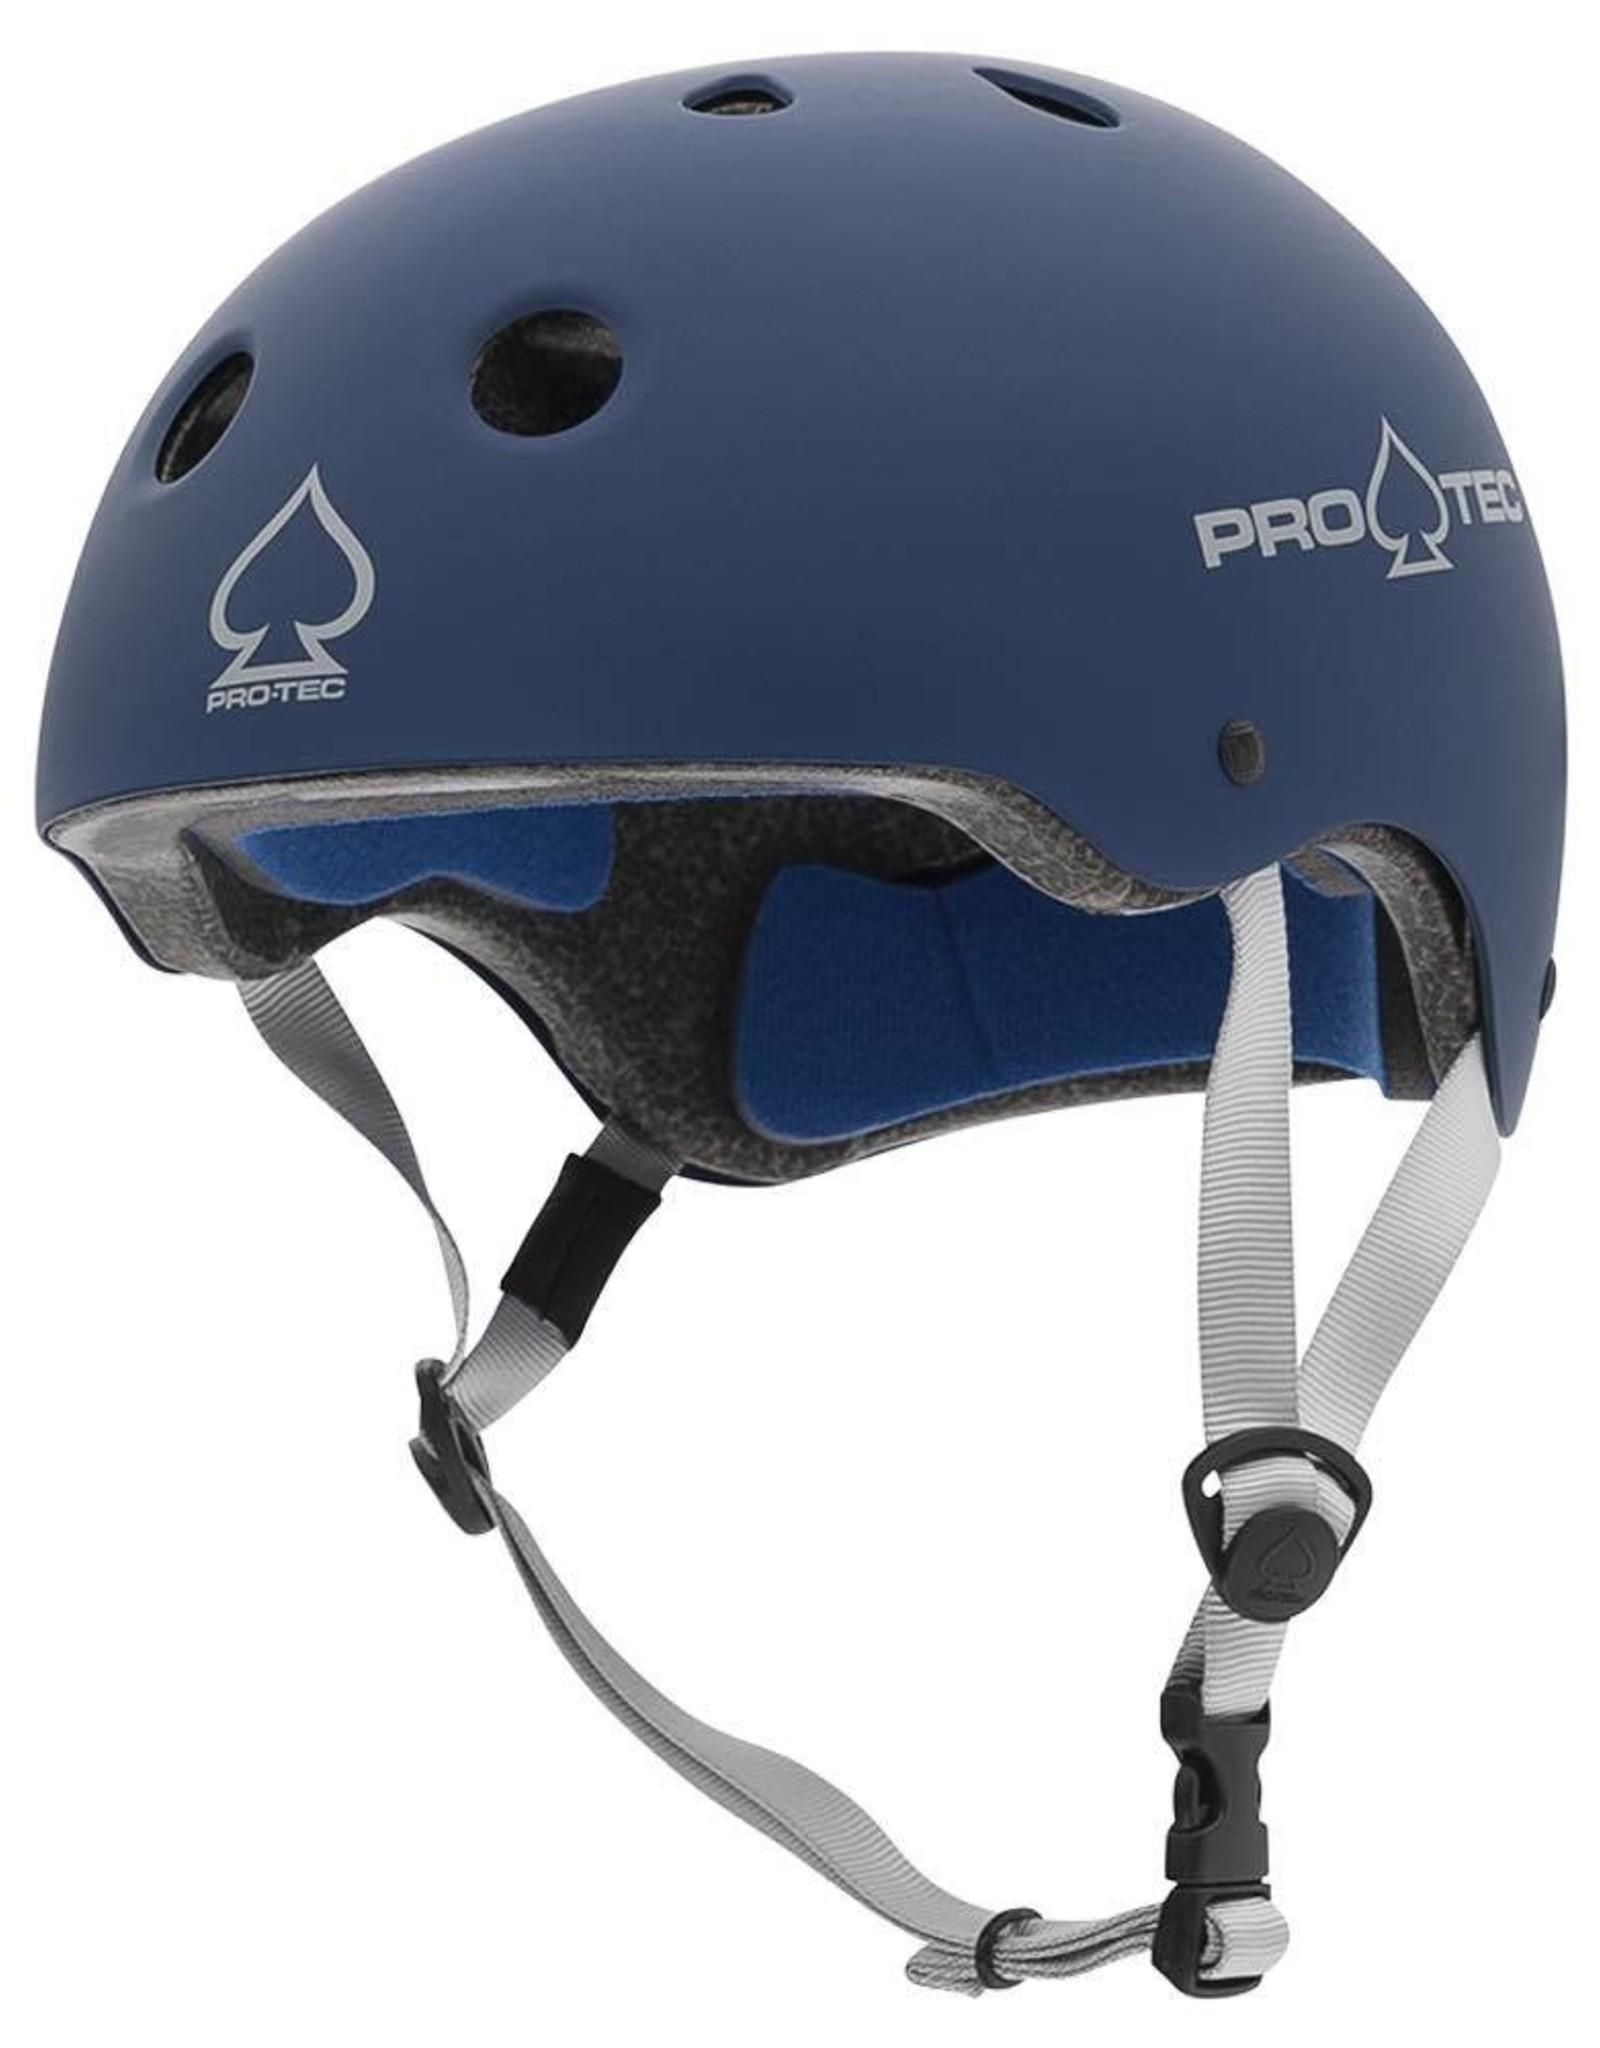 PROTEC PRO-TEC HELMET CLASSIC CERT MATTE BLUE